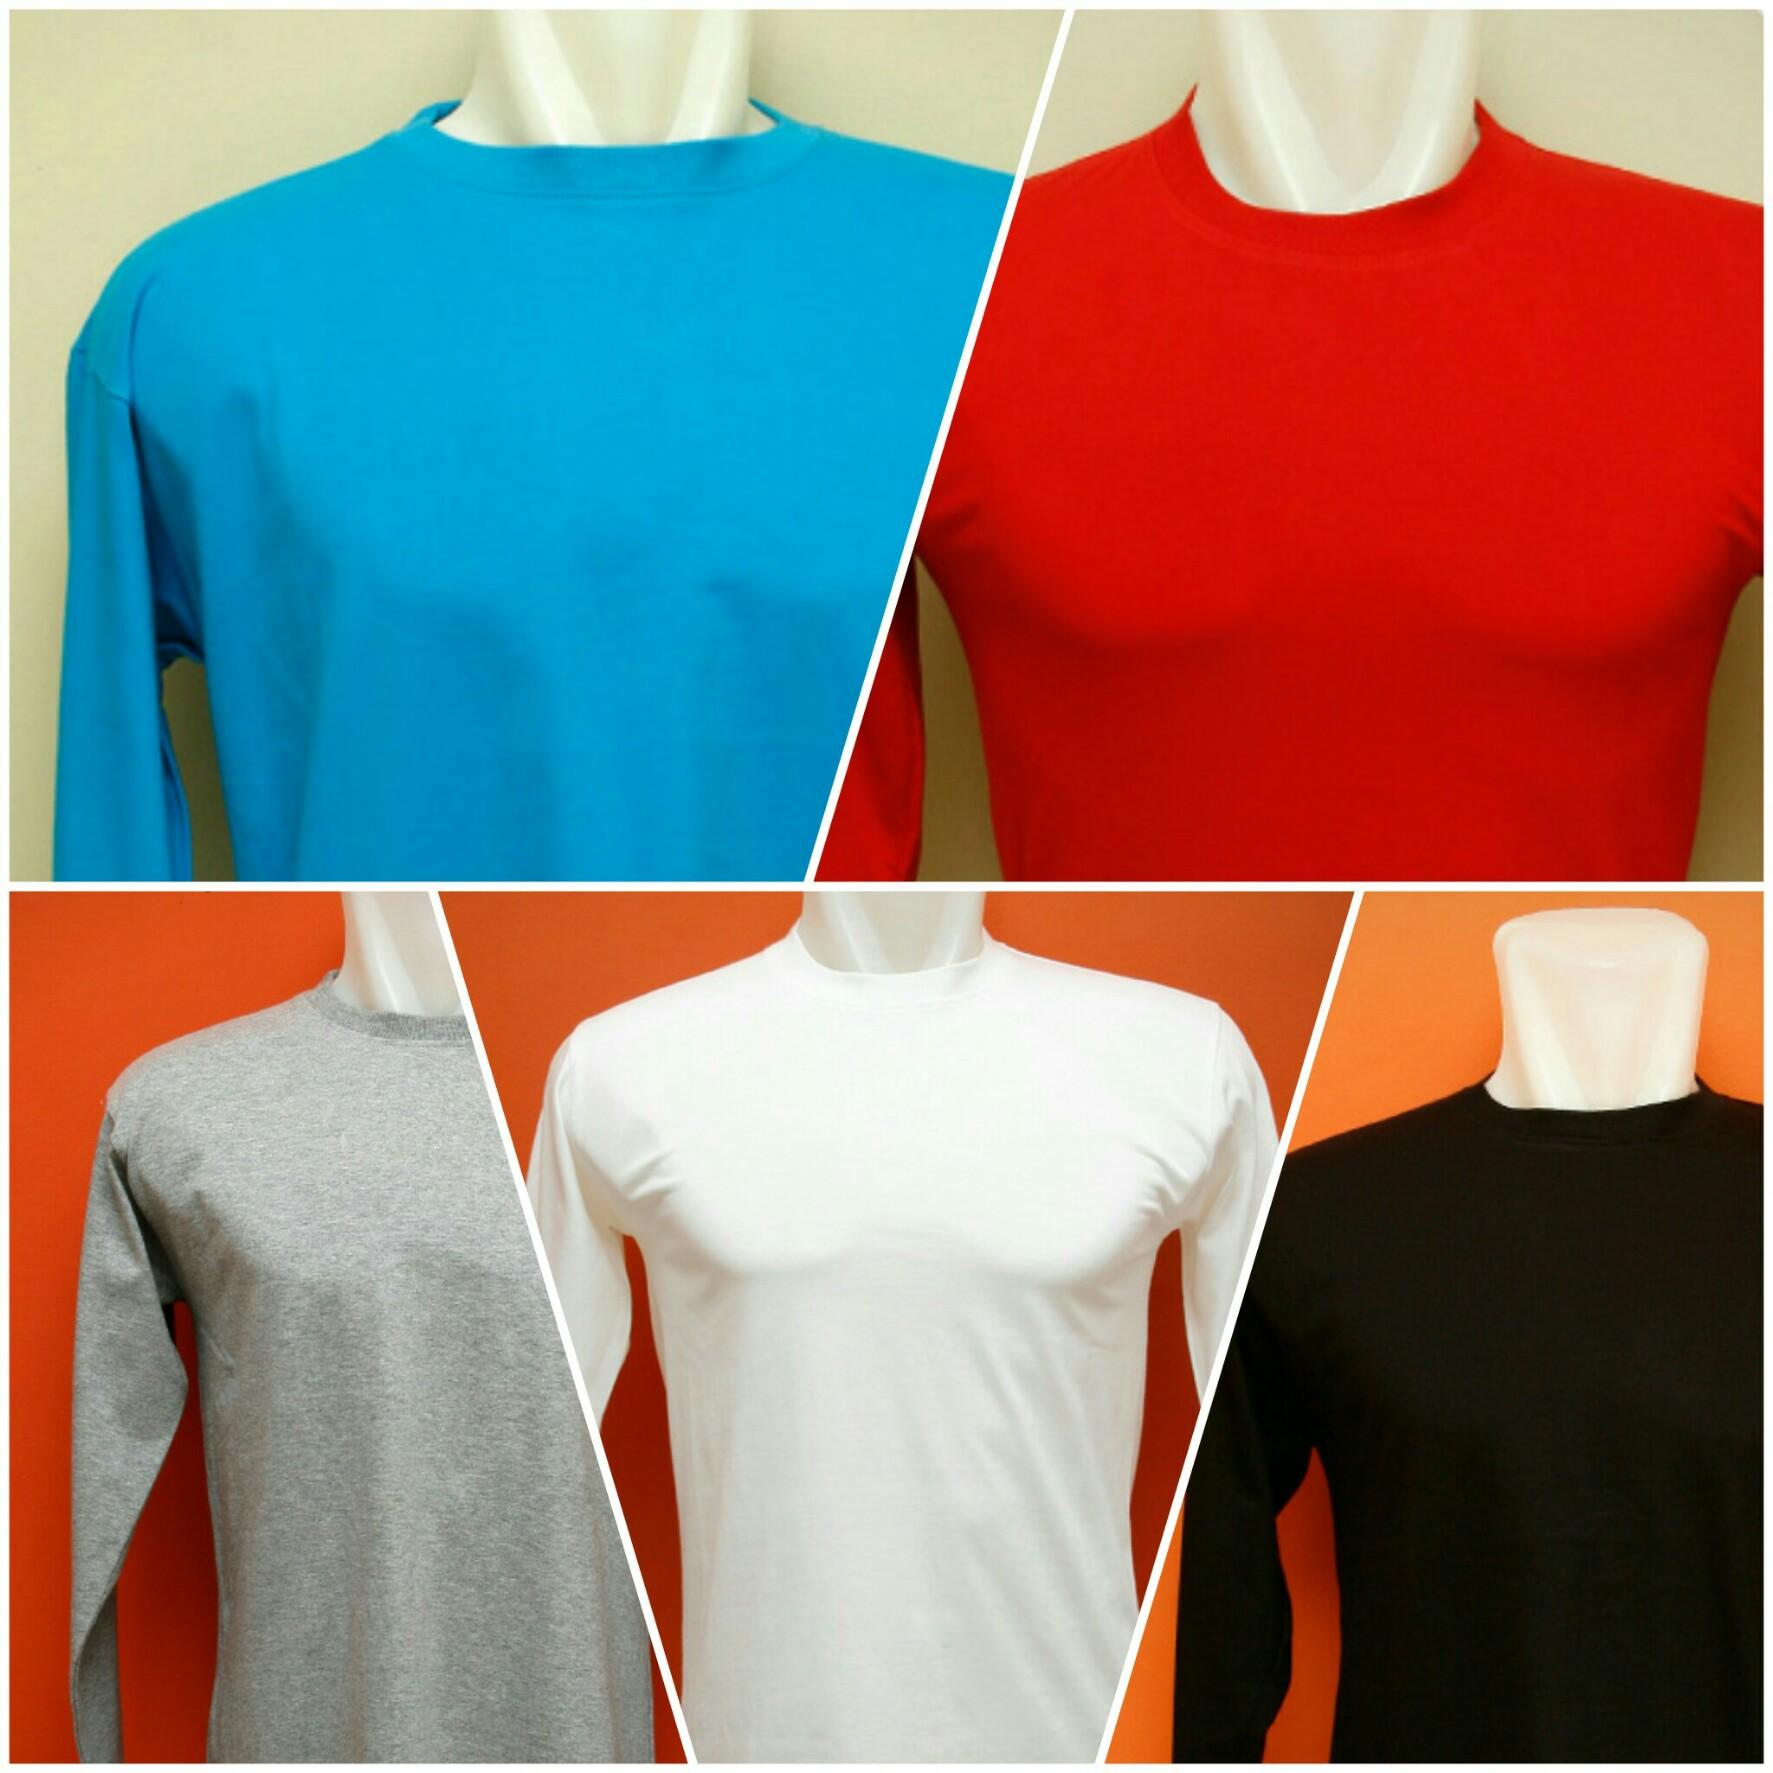 Kaos polos lengan panjang berbahan cotton combed banyak dipilih sebagai  pakaian sehari-hari karena memiliki karakteristik yang adem dan lembut. adba951a6f